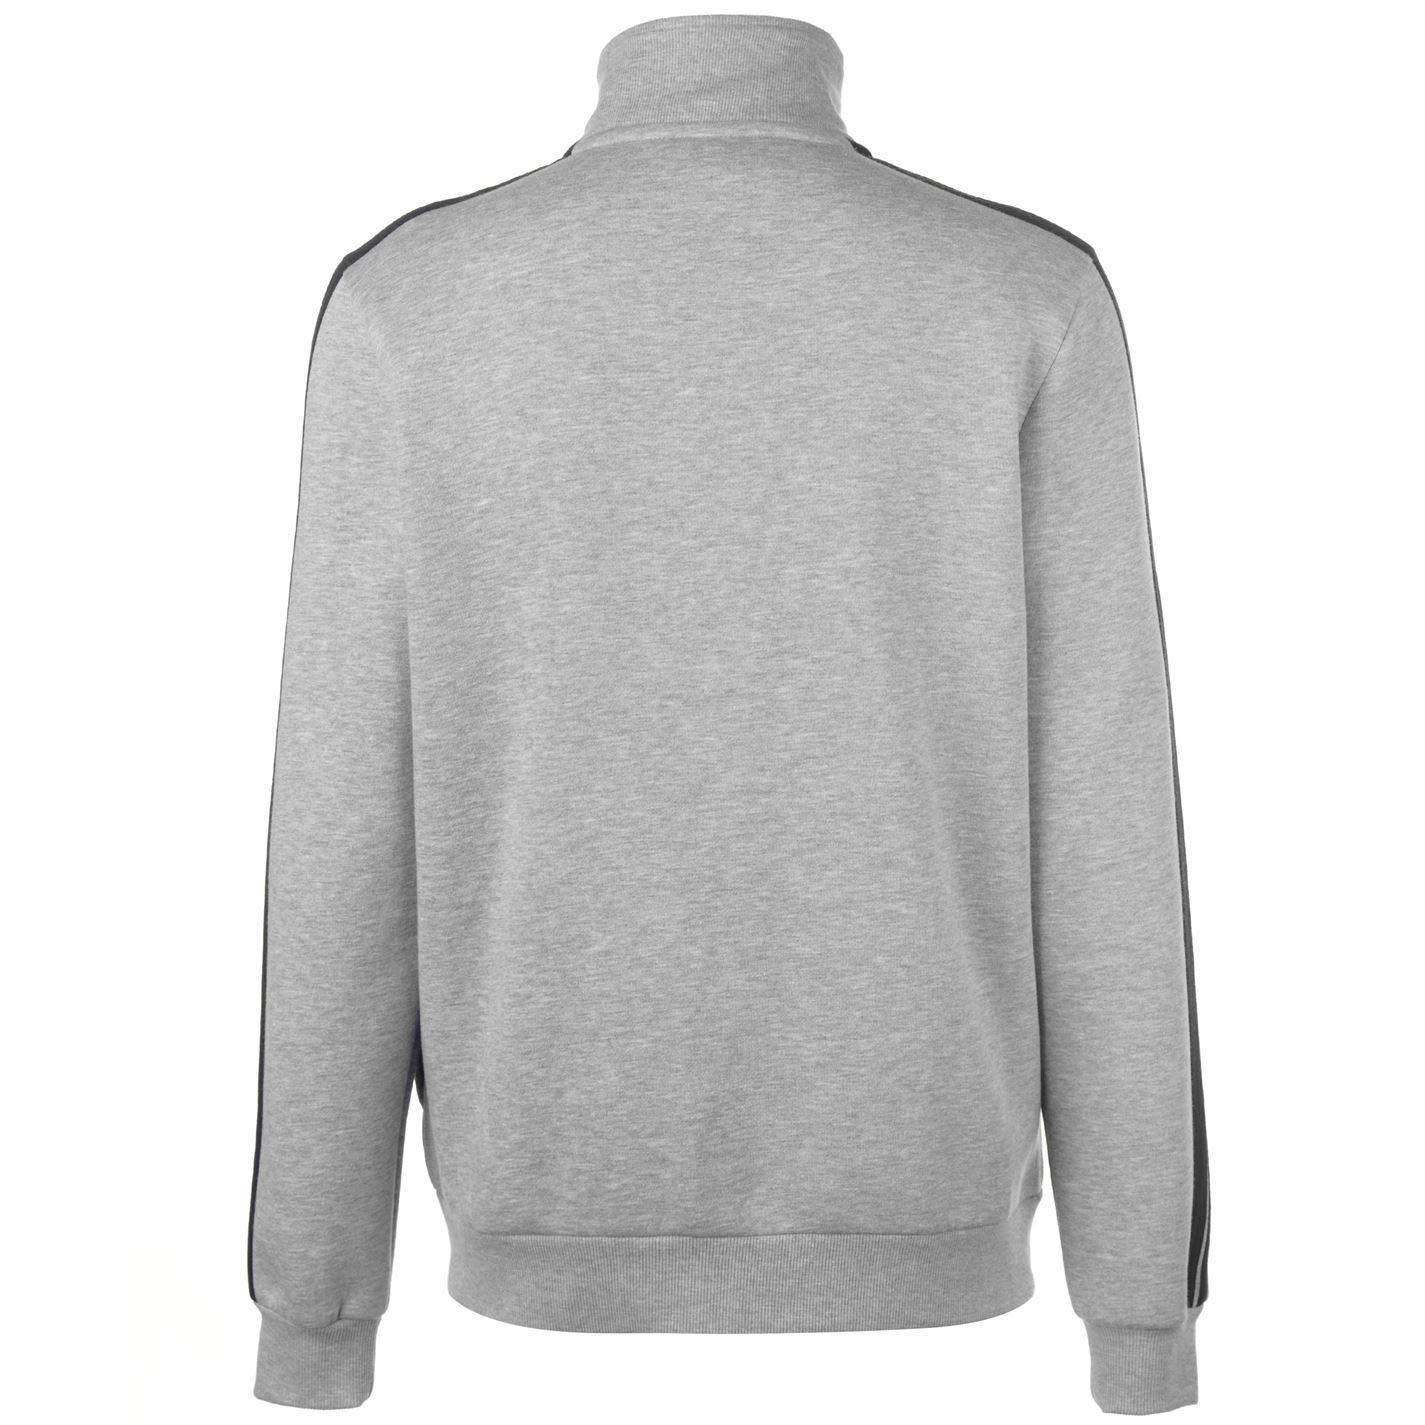 Lonsdale London 2 Stripe Full Zip Jacket Mens Grey Athleisure Sweatshirt Top